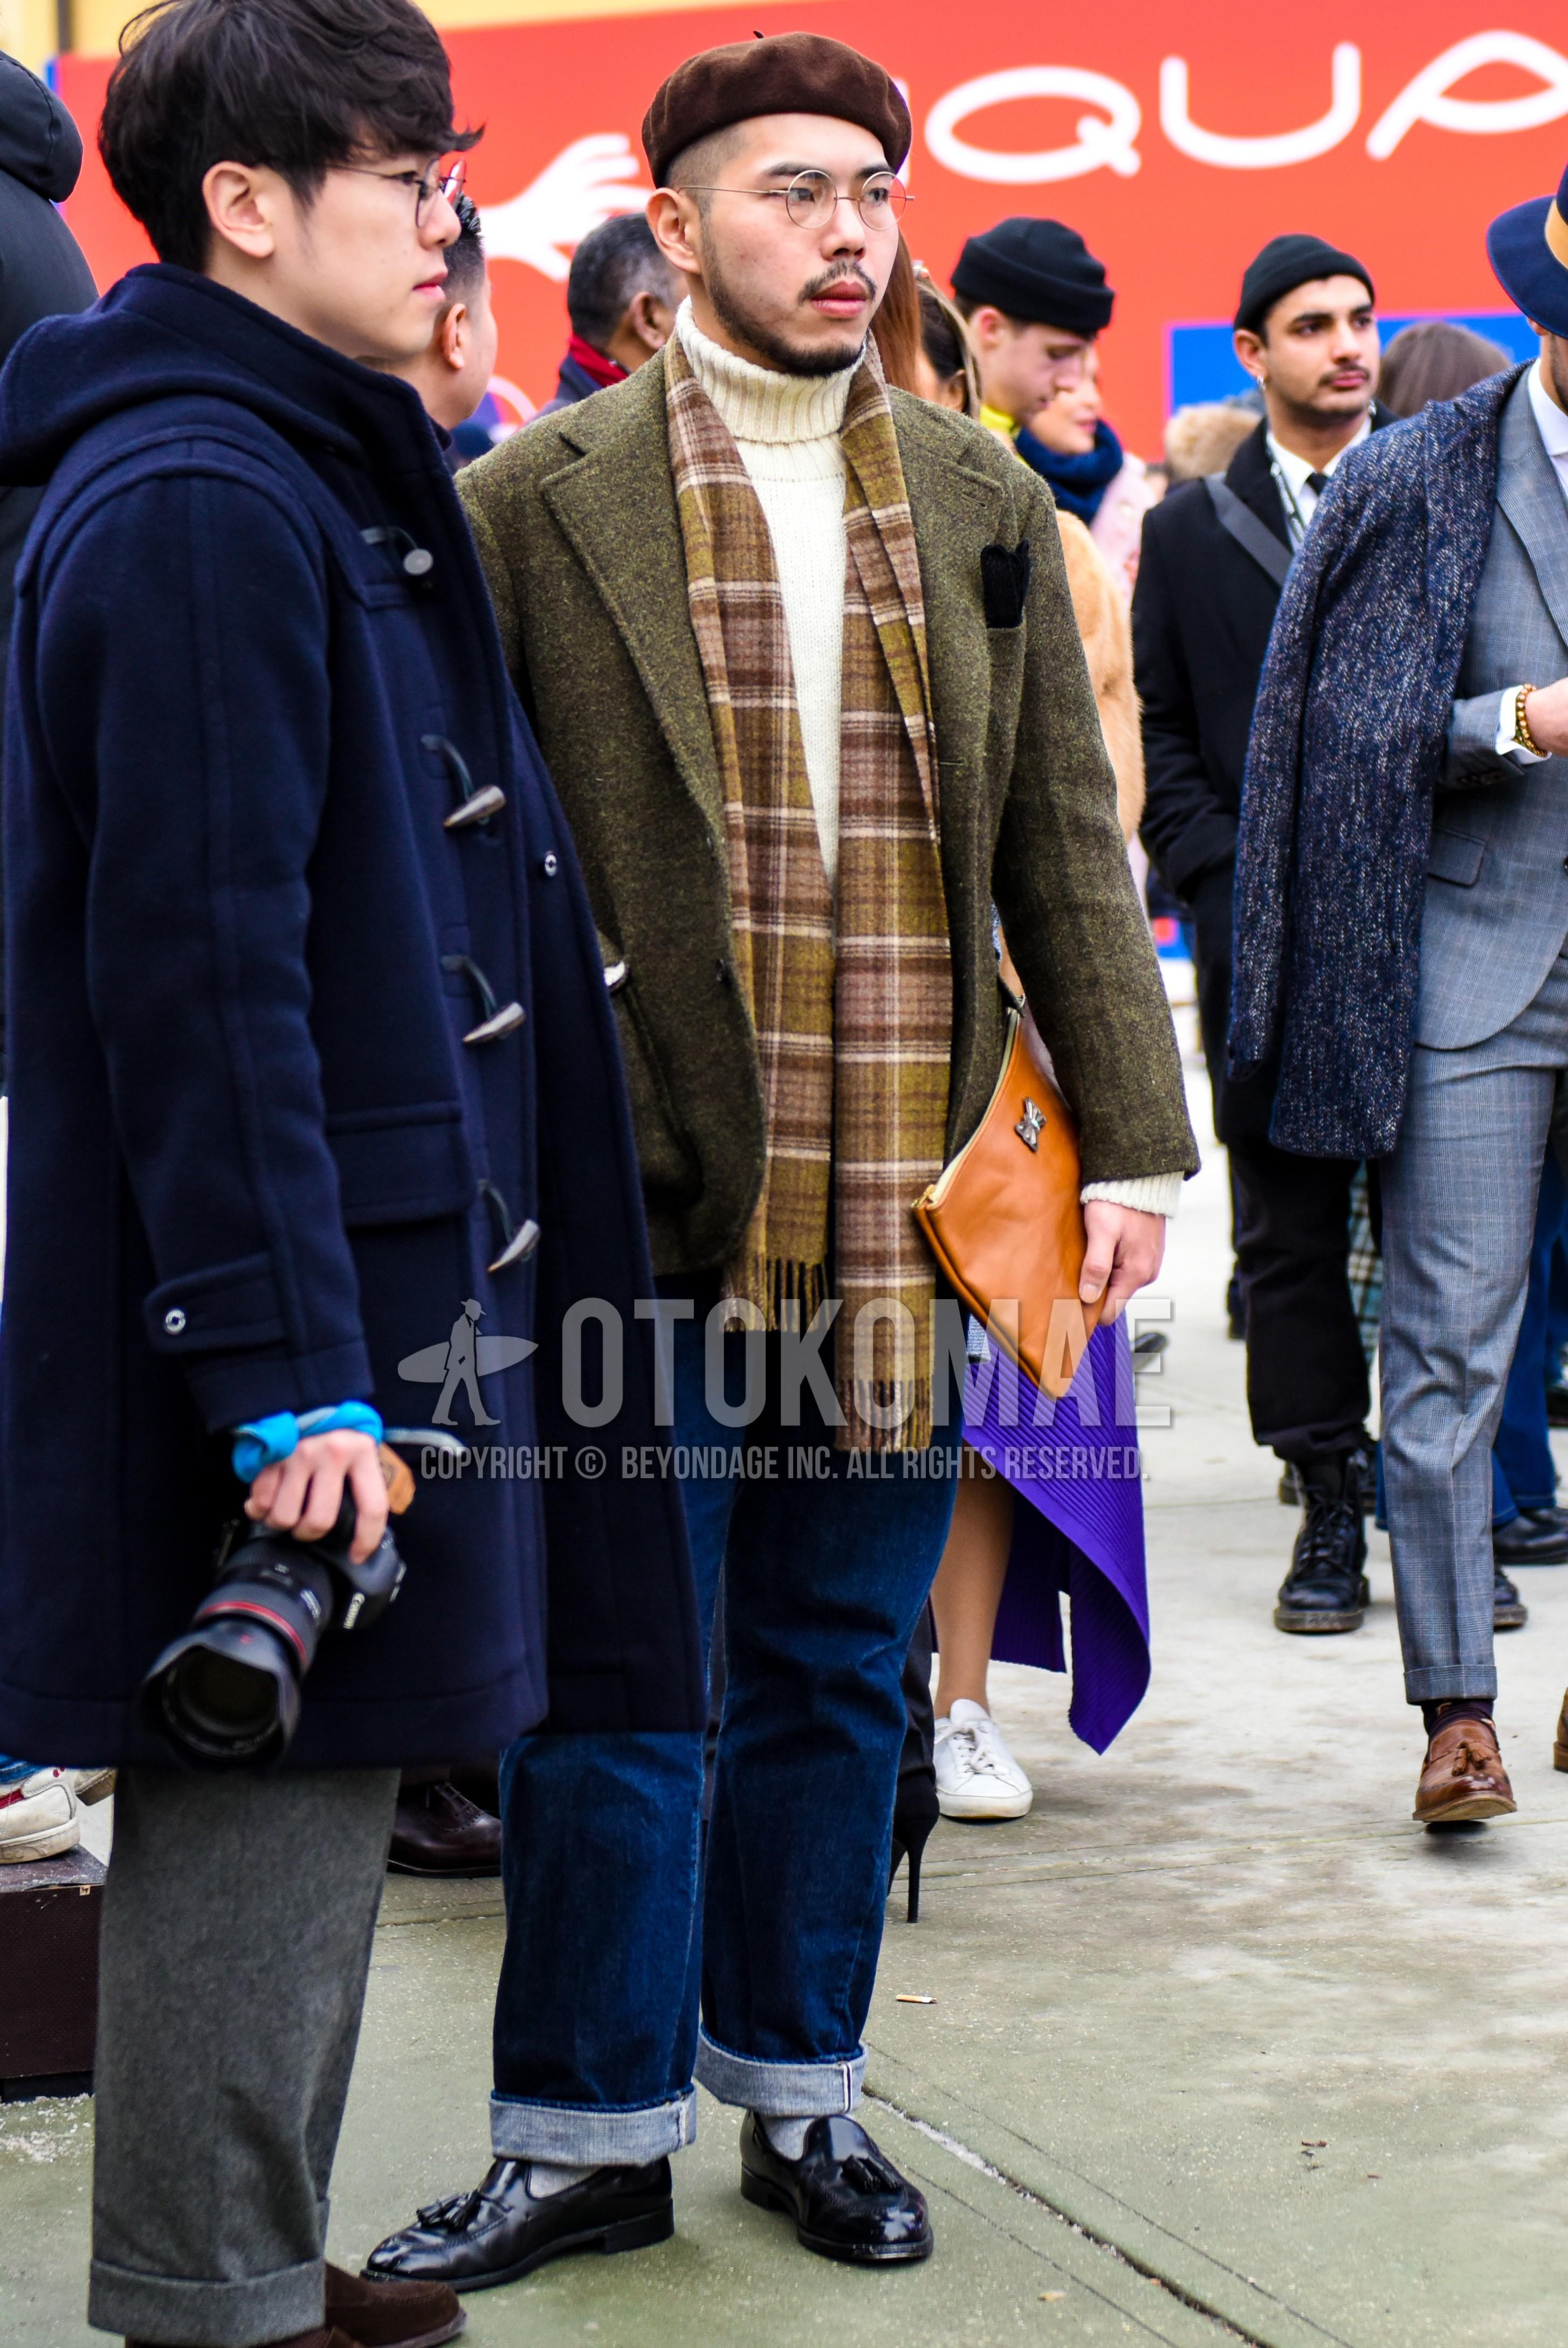 ブラウン無地のキャップ、シルバー無地のメガネ、ブラウンチェックのマフラー/ストール、オリーブグリーン無地のテーラードジャケット、白無地のタートルネックニット、ブルー無地のデニム/ジーンズ、グレー無地のソックス、黒タッセルローファーの革靴、ベージュ無地のクラッチバッグ/セカンドバッグ/巾着を合わせた秋冬のメンズコーデ・着こなし。